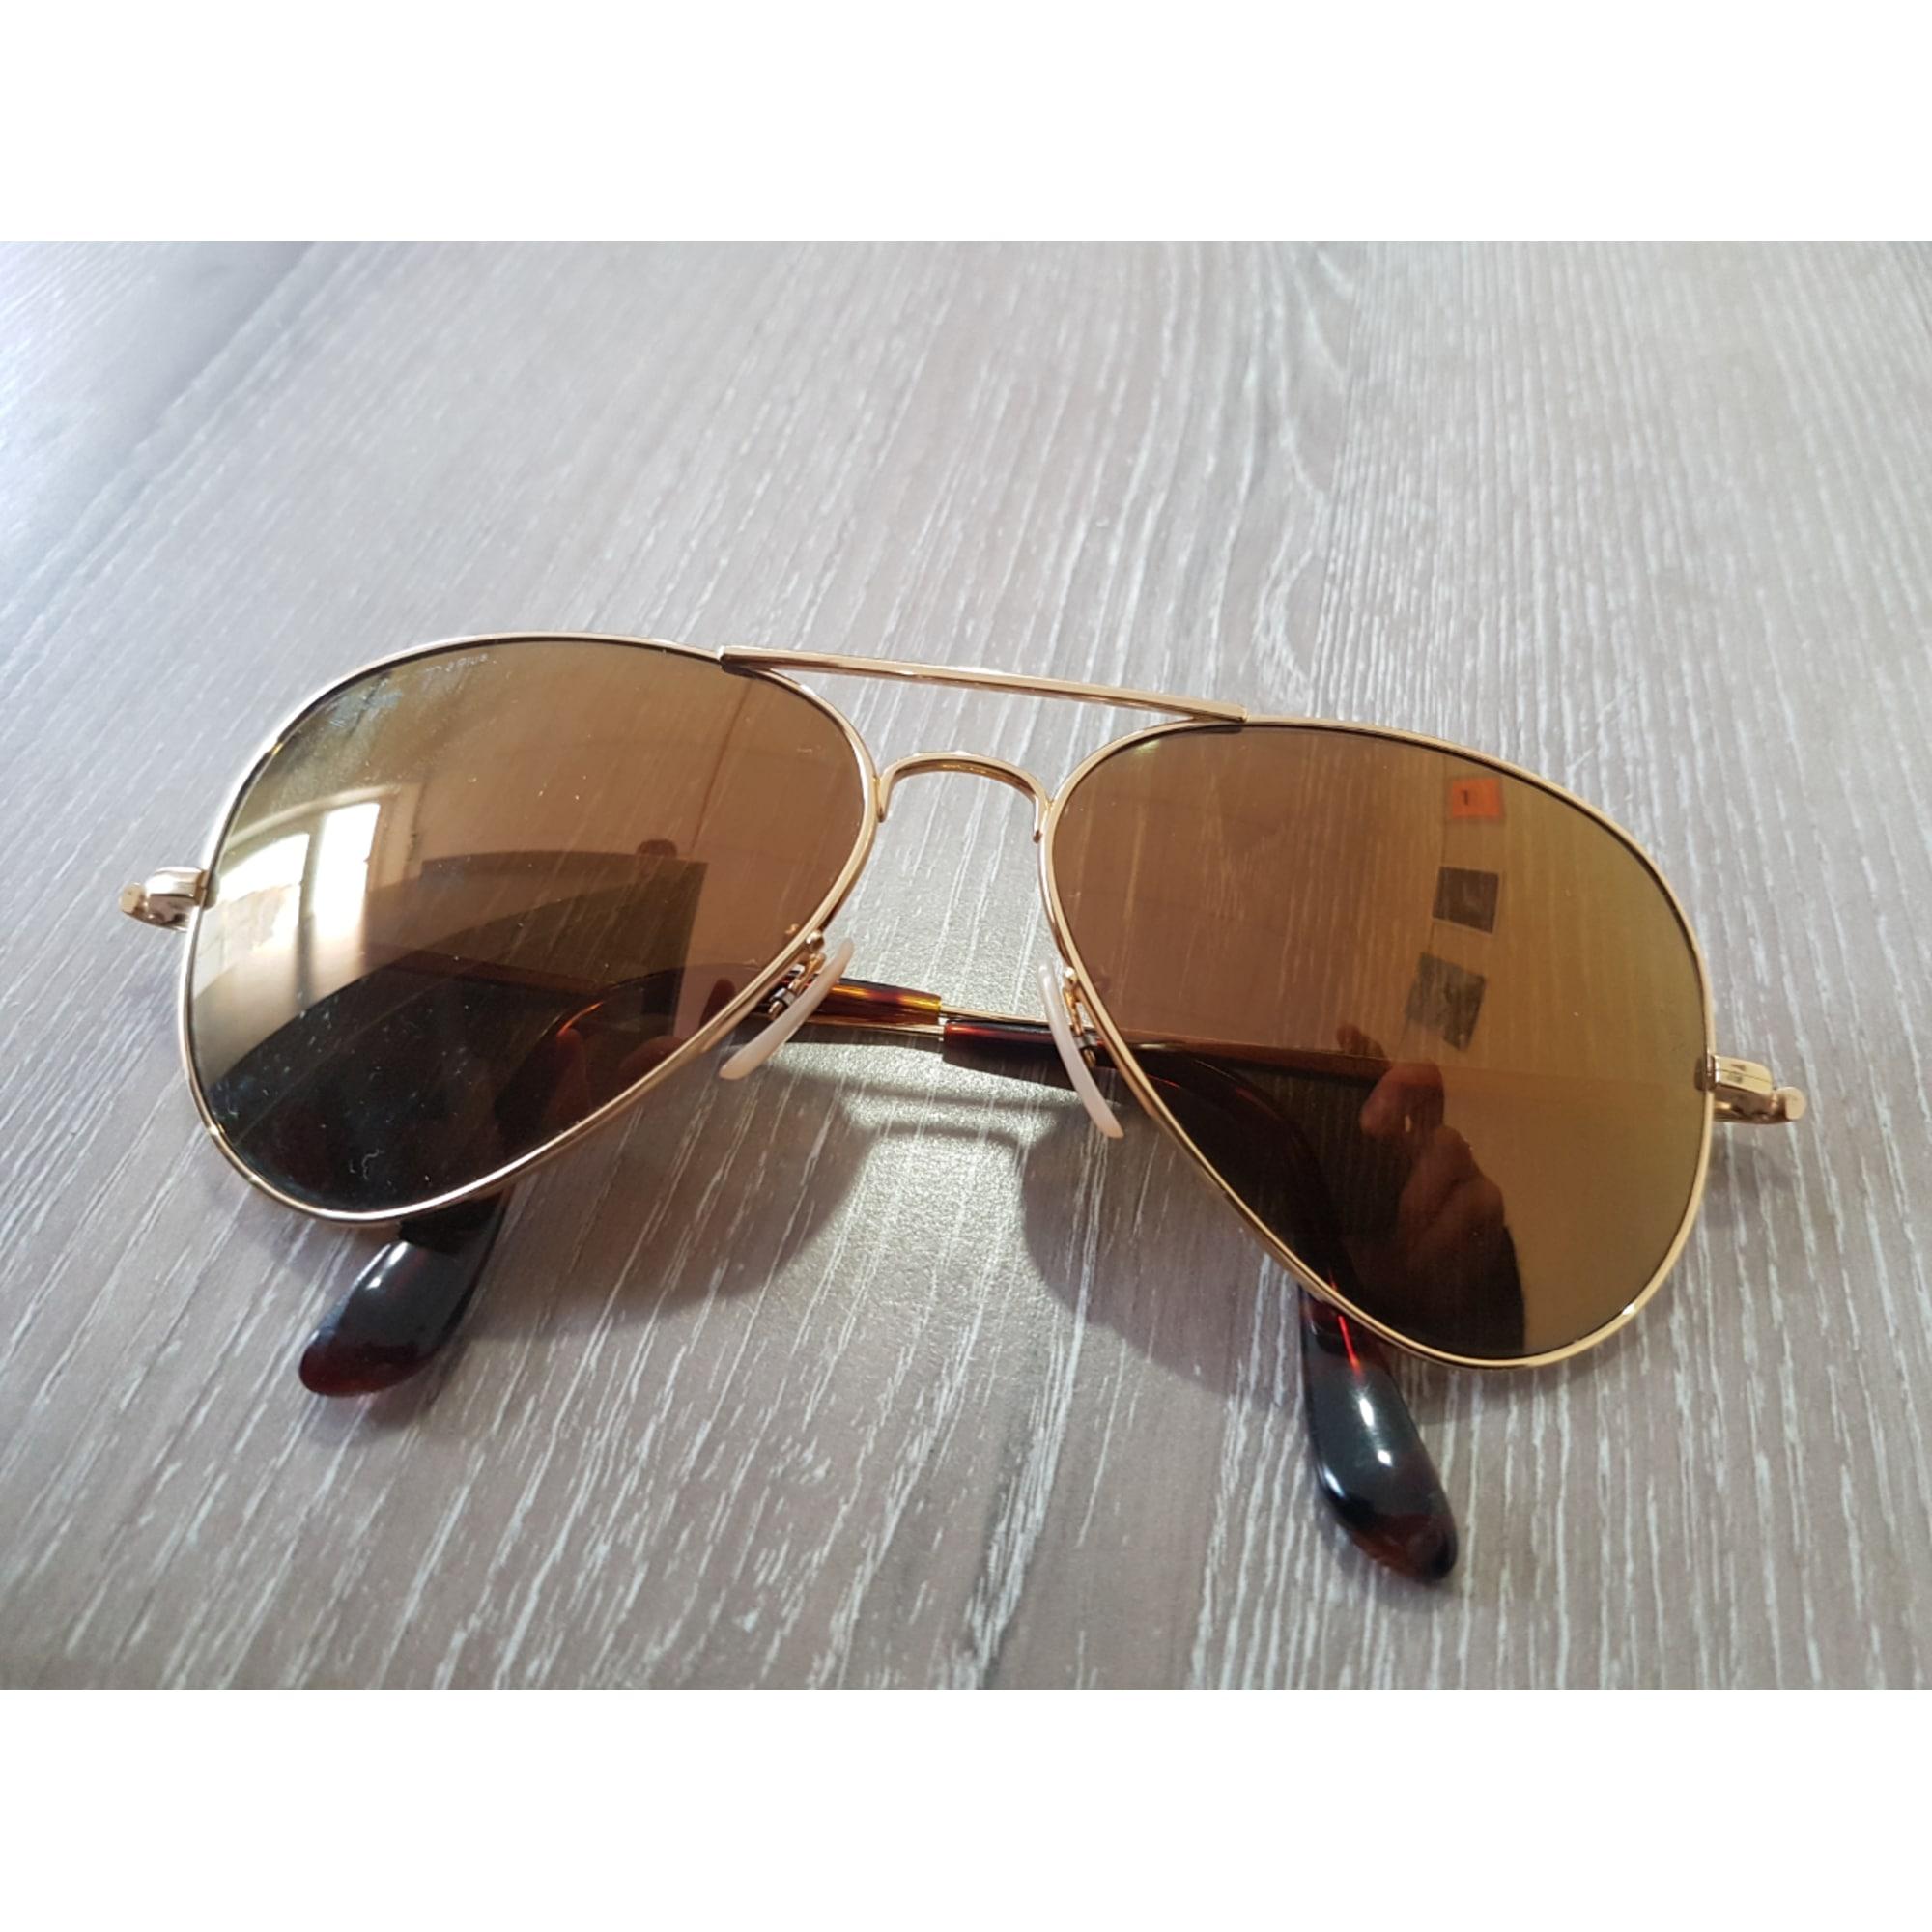 ab8c5938210674 Lunettes de soleil RAY-BAN Doré, bronze, cuivre